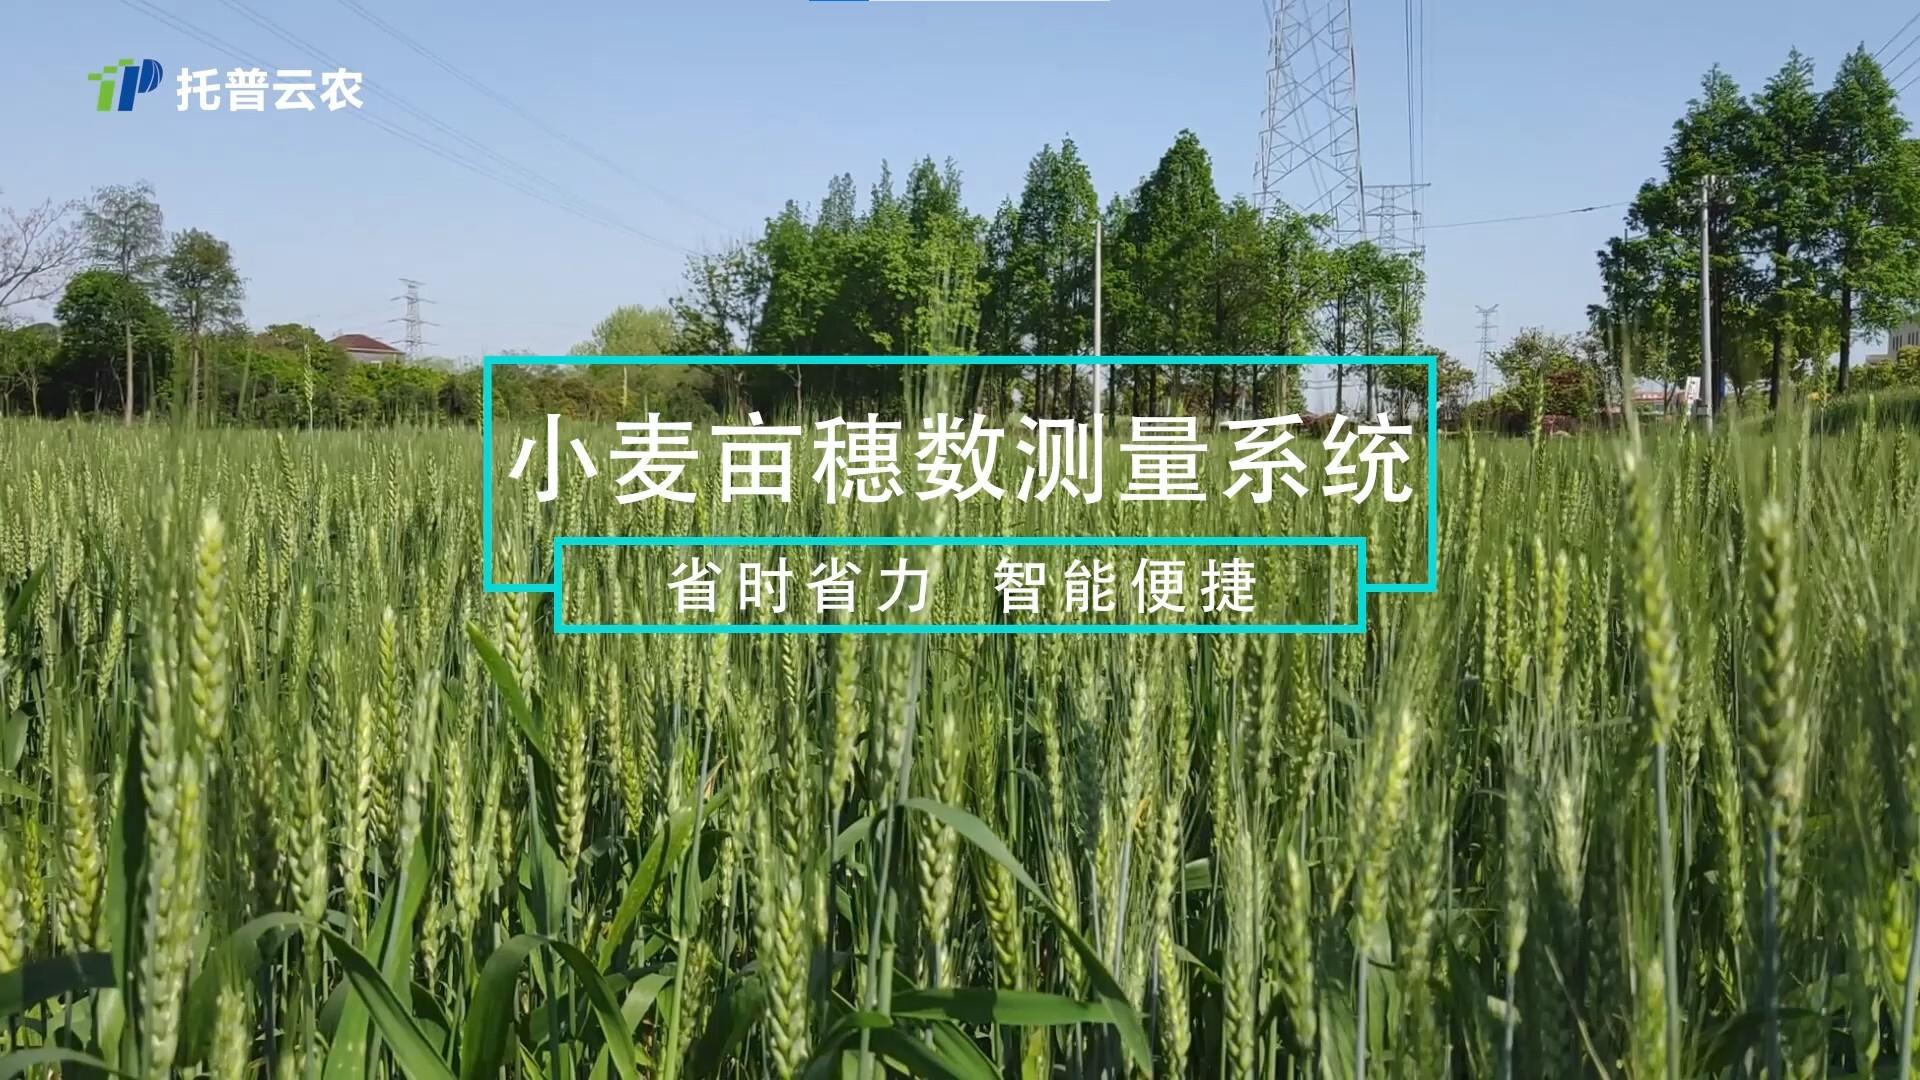 托普云农|拍照就能识别小麦亩穗数,人工智能让育种专家更轻松!